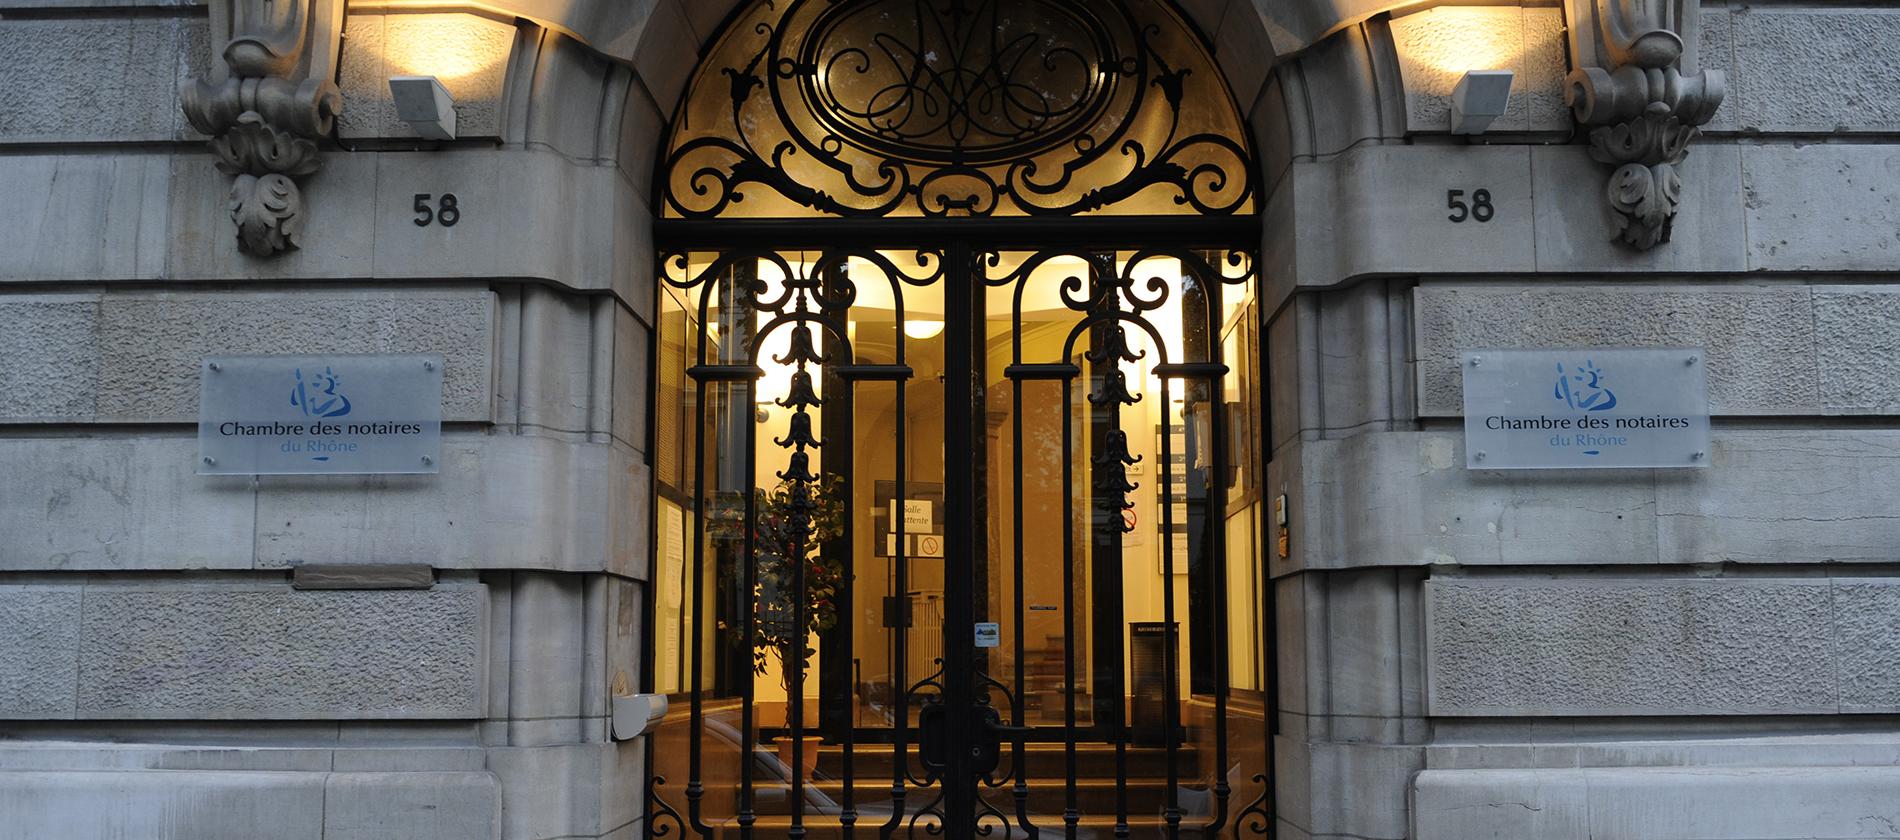 Chambre des Notaires du Rhône